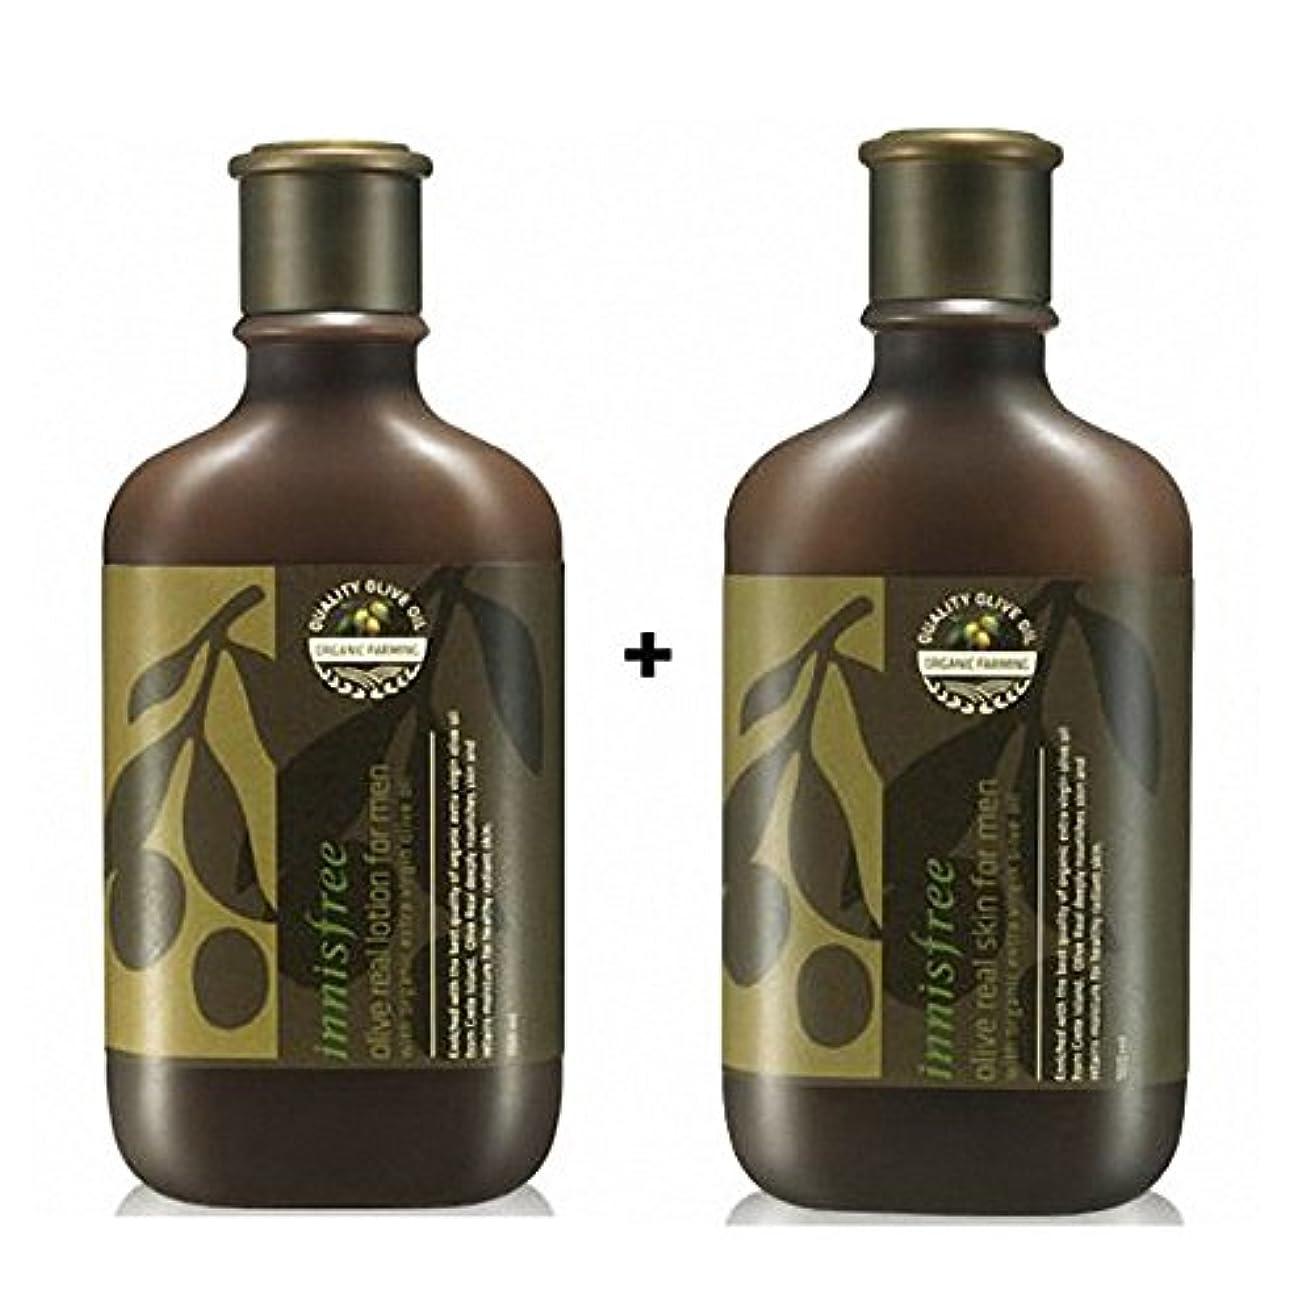 船上倒産オープナー[イニスフリー] Innisfree オリーブリアルローション.スキンフォアマンセット(150ml+150ml) Innisfree Olive Real Lotion.Skin Set  For Men(150ml+150ml...